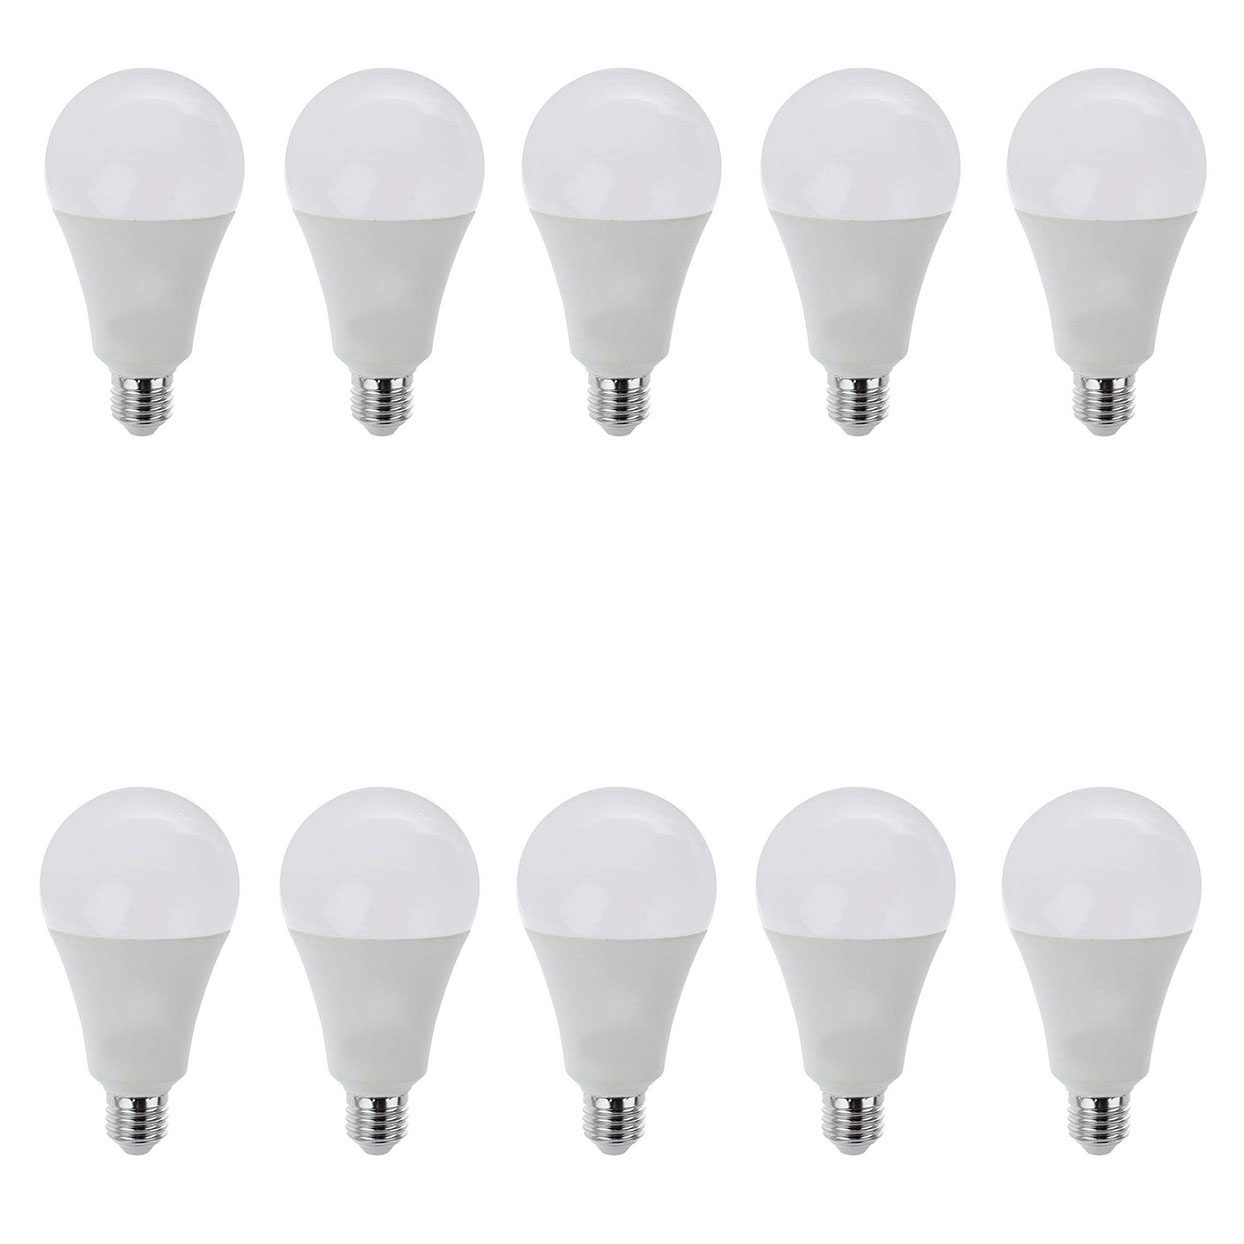 لامپ ال ای دی 18 وات پارسه شید کد 001 پایه E27 بسته 10 تایی